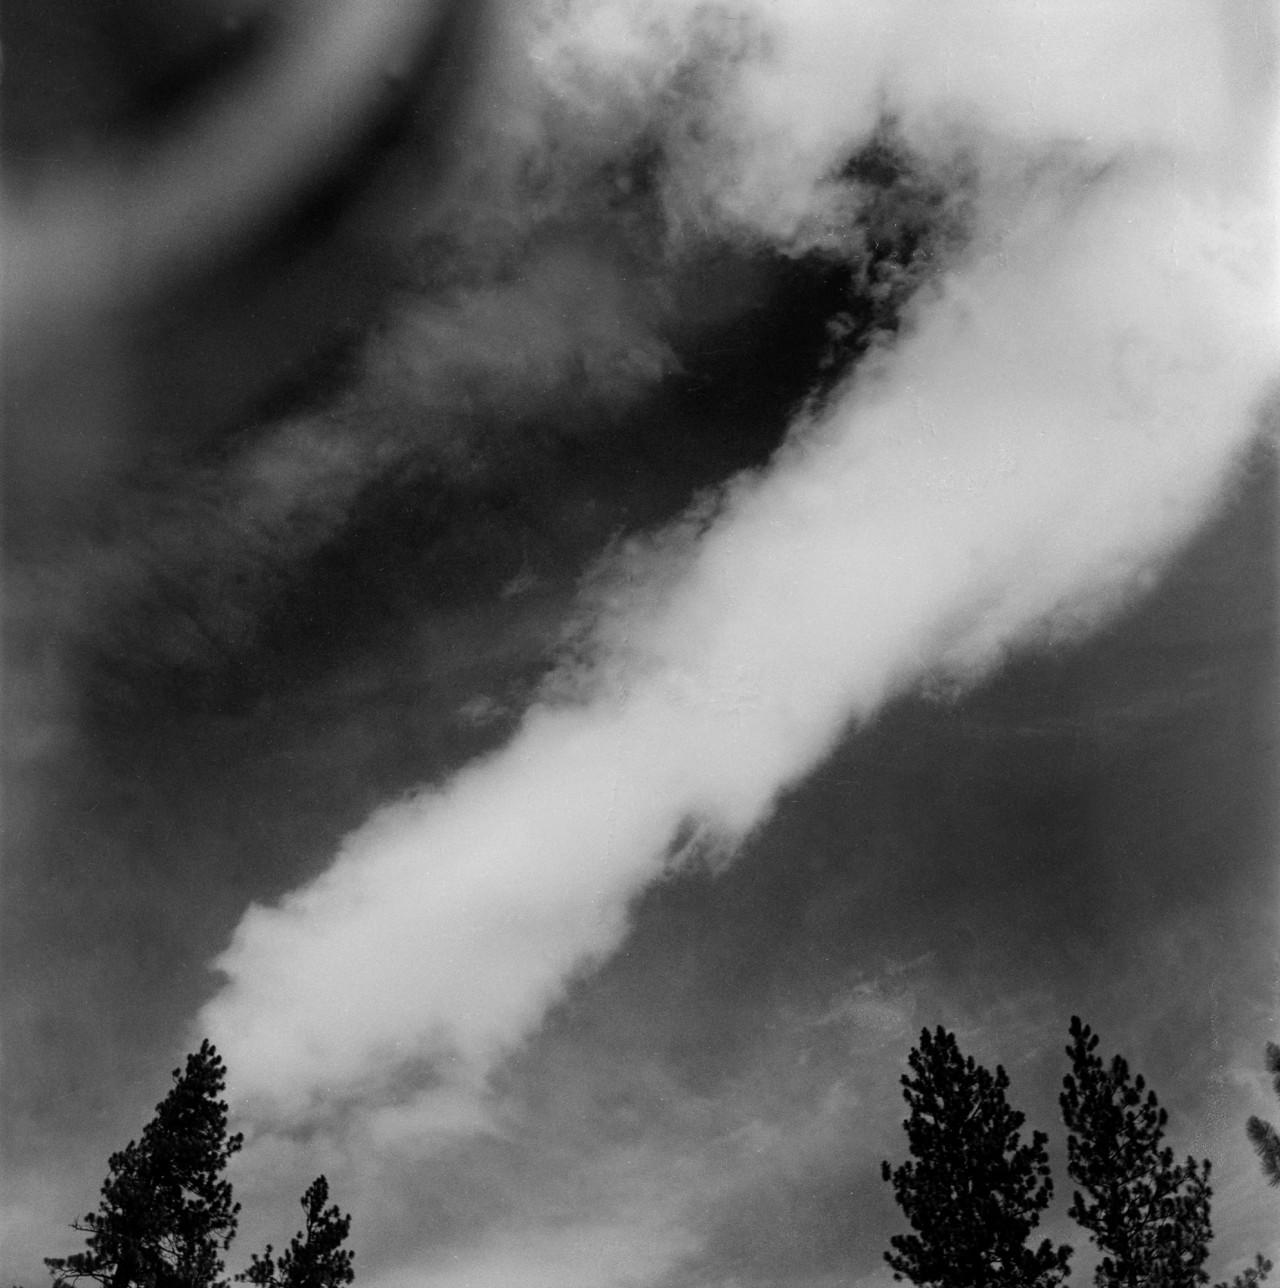 Абстракции облаков. Фотограф Имоджен Каннингем